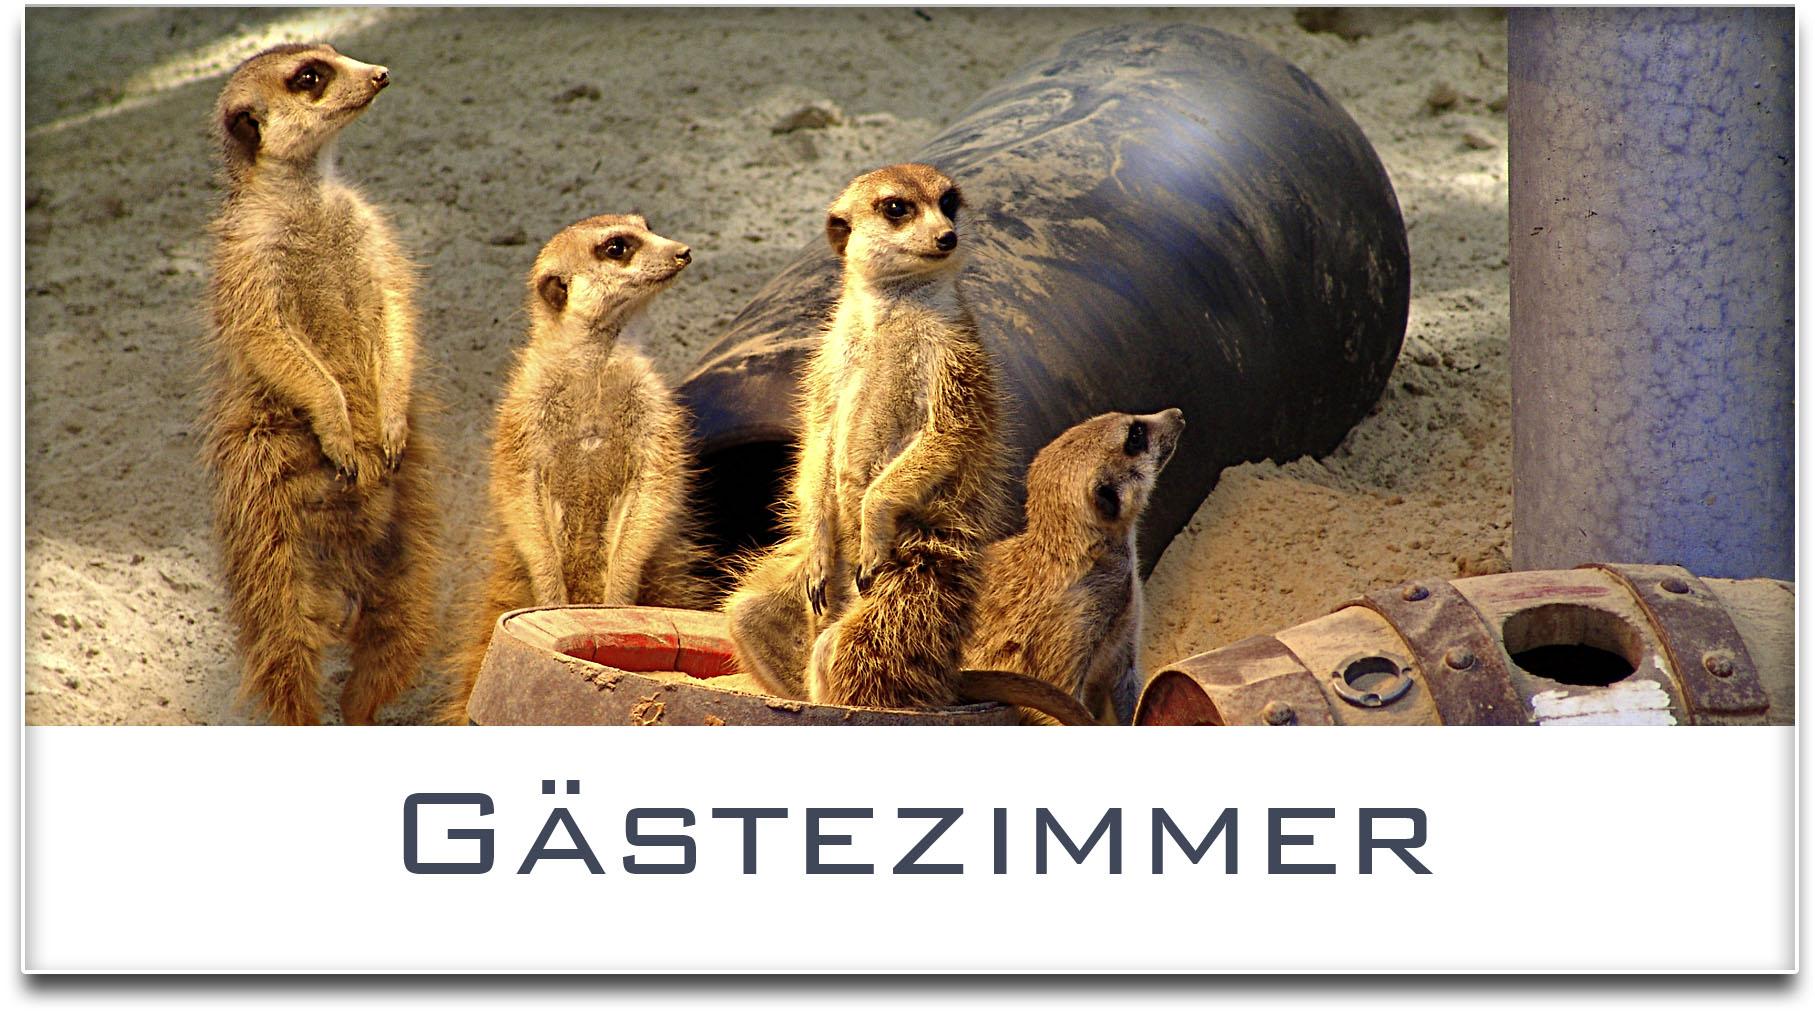 Türschild / Haustürschild / Erdmännchen / Gästezimmer / Selbstklebend